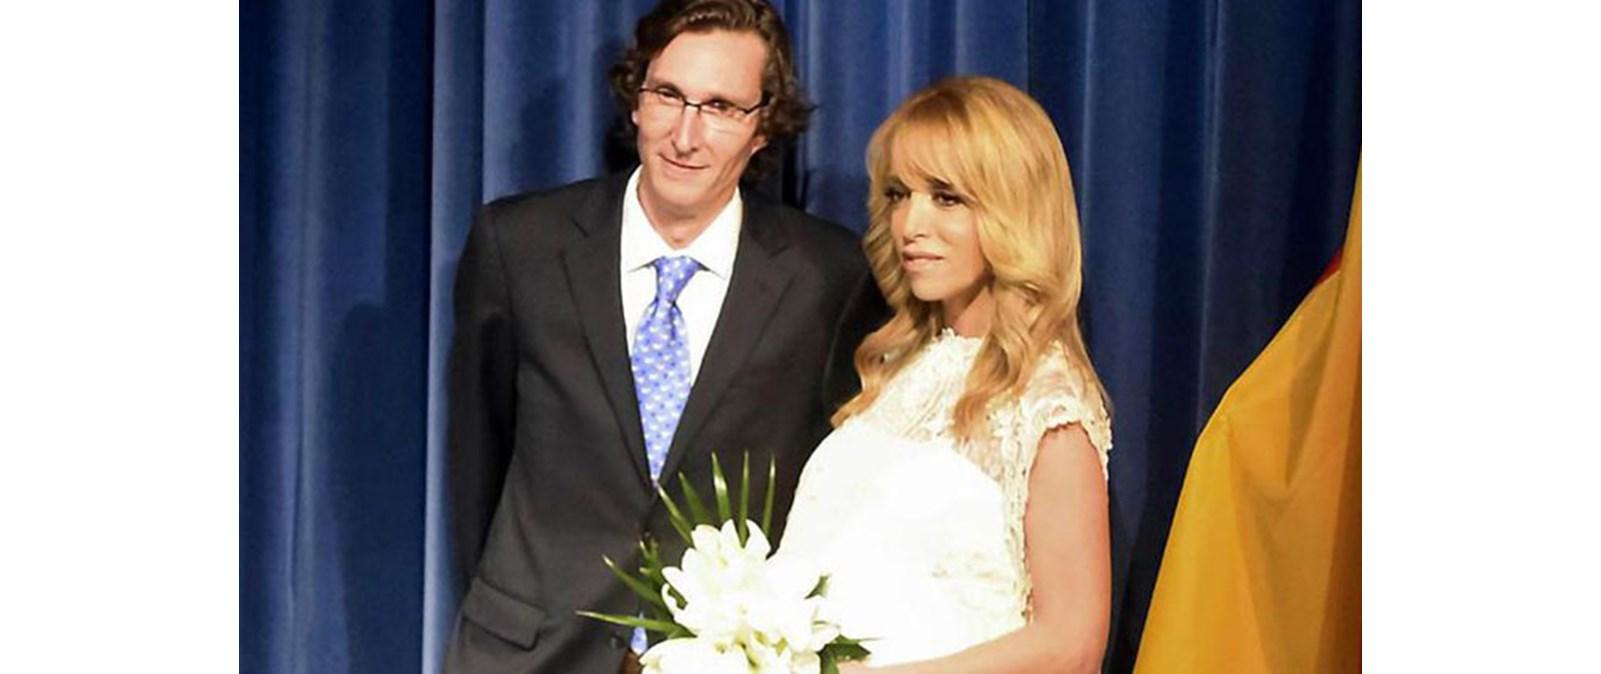 a101114391b5 Πρίγκιπας Φερνάντο Τίτλοι τέλους στο γάμο του με τη σύζυγό του